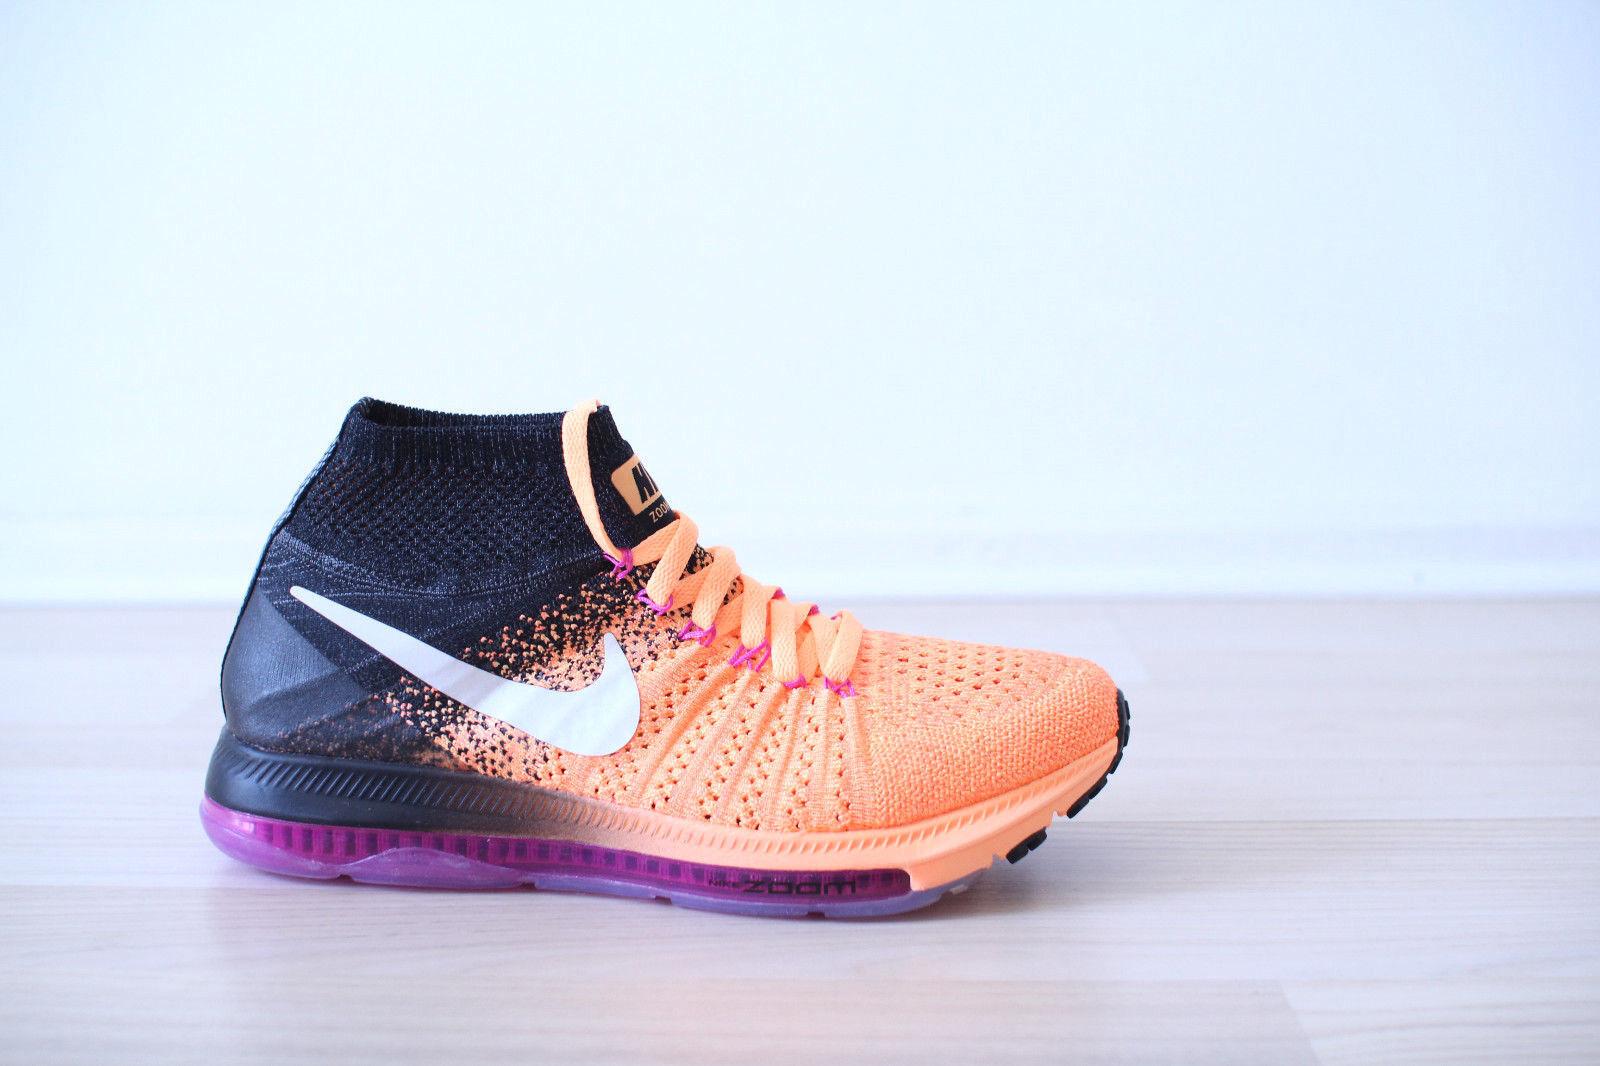 Nike Zoom All Out Flyknit WMNS orange black purple Gr. 38 Uk 4,5 NEU & OVP